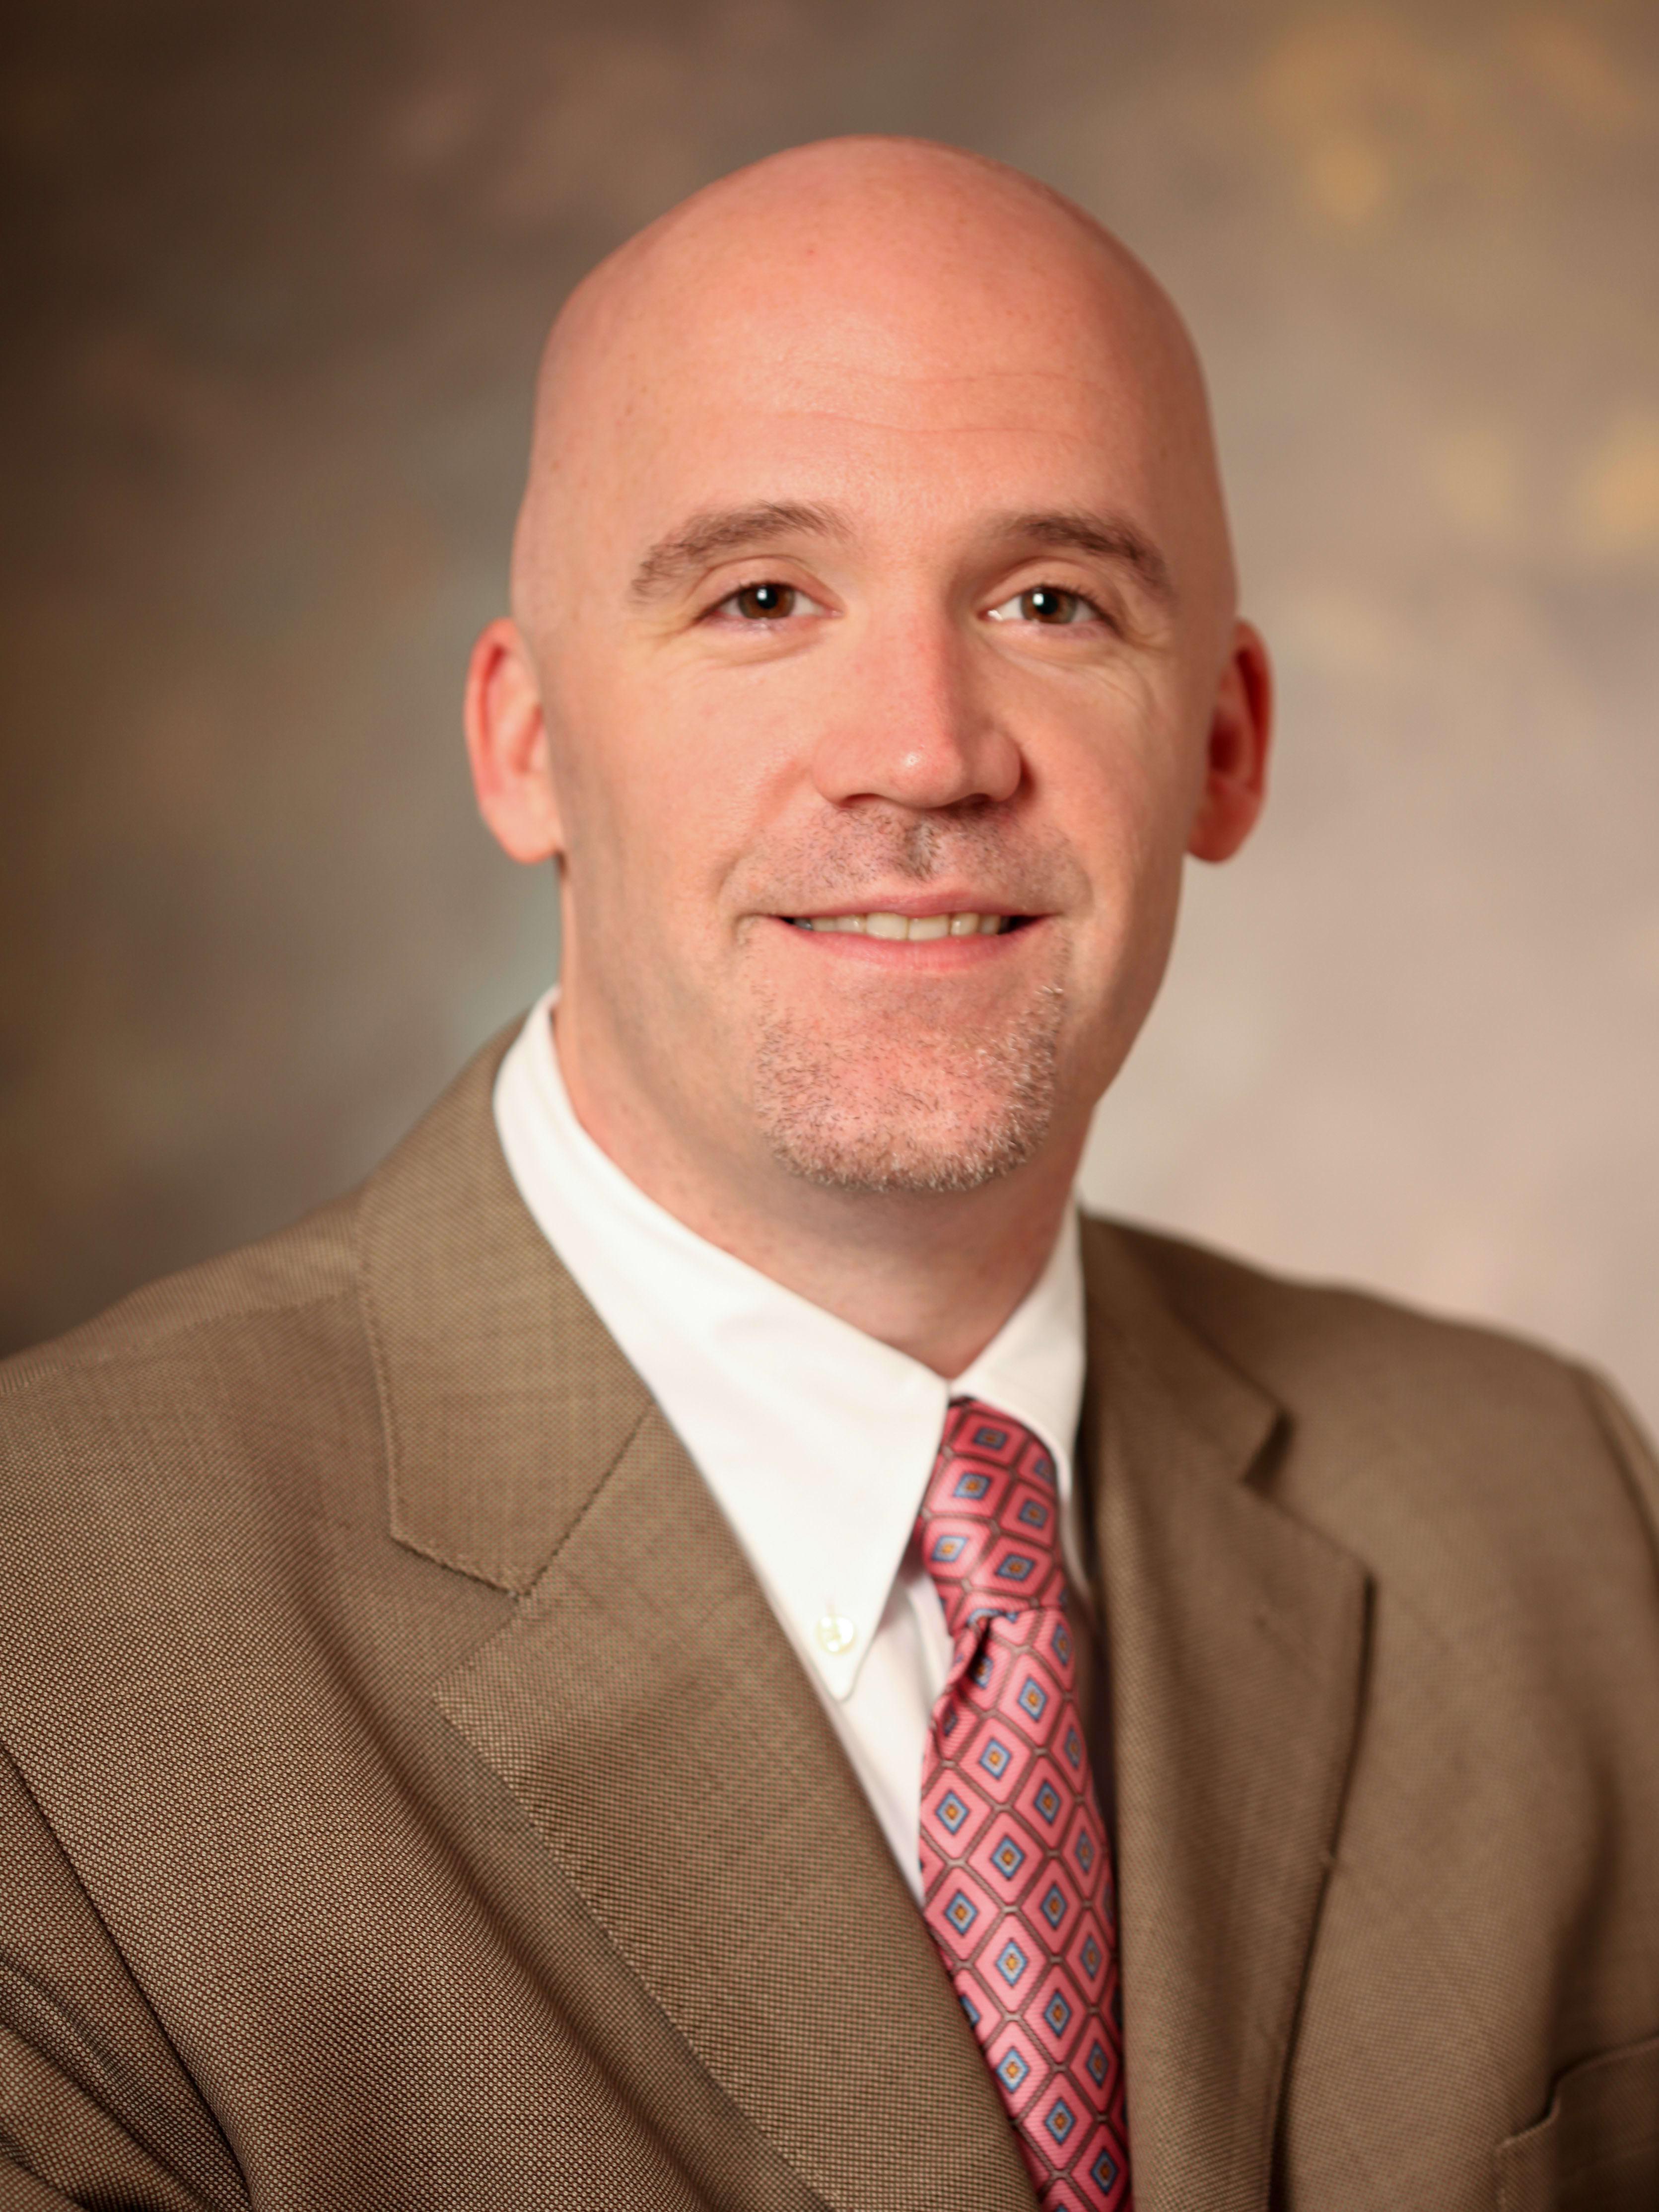 Michael Leslie